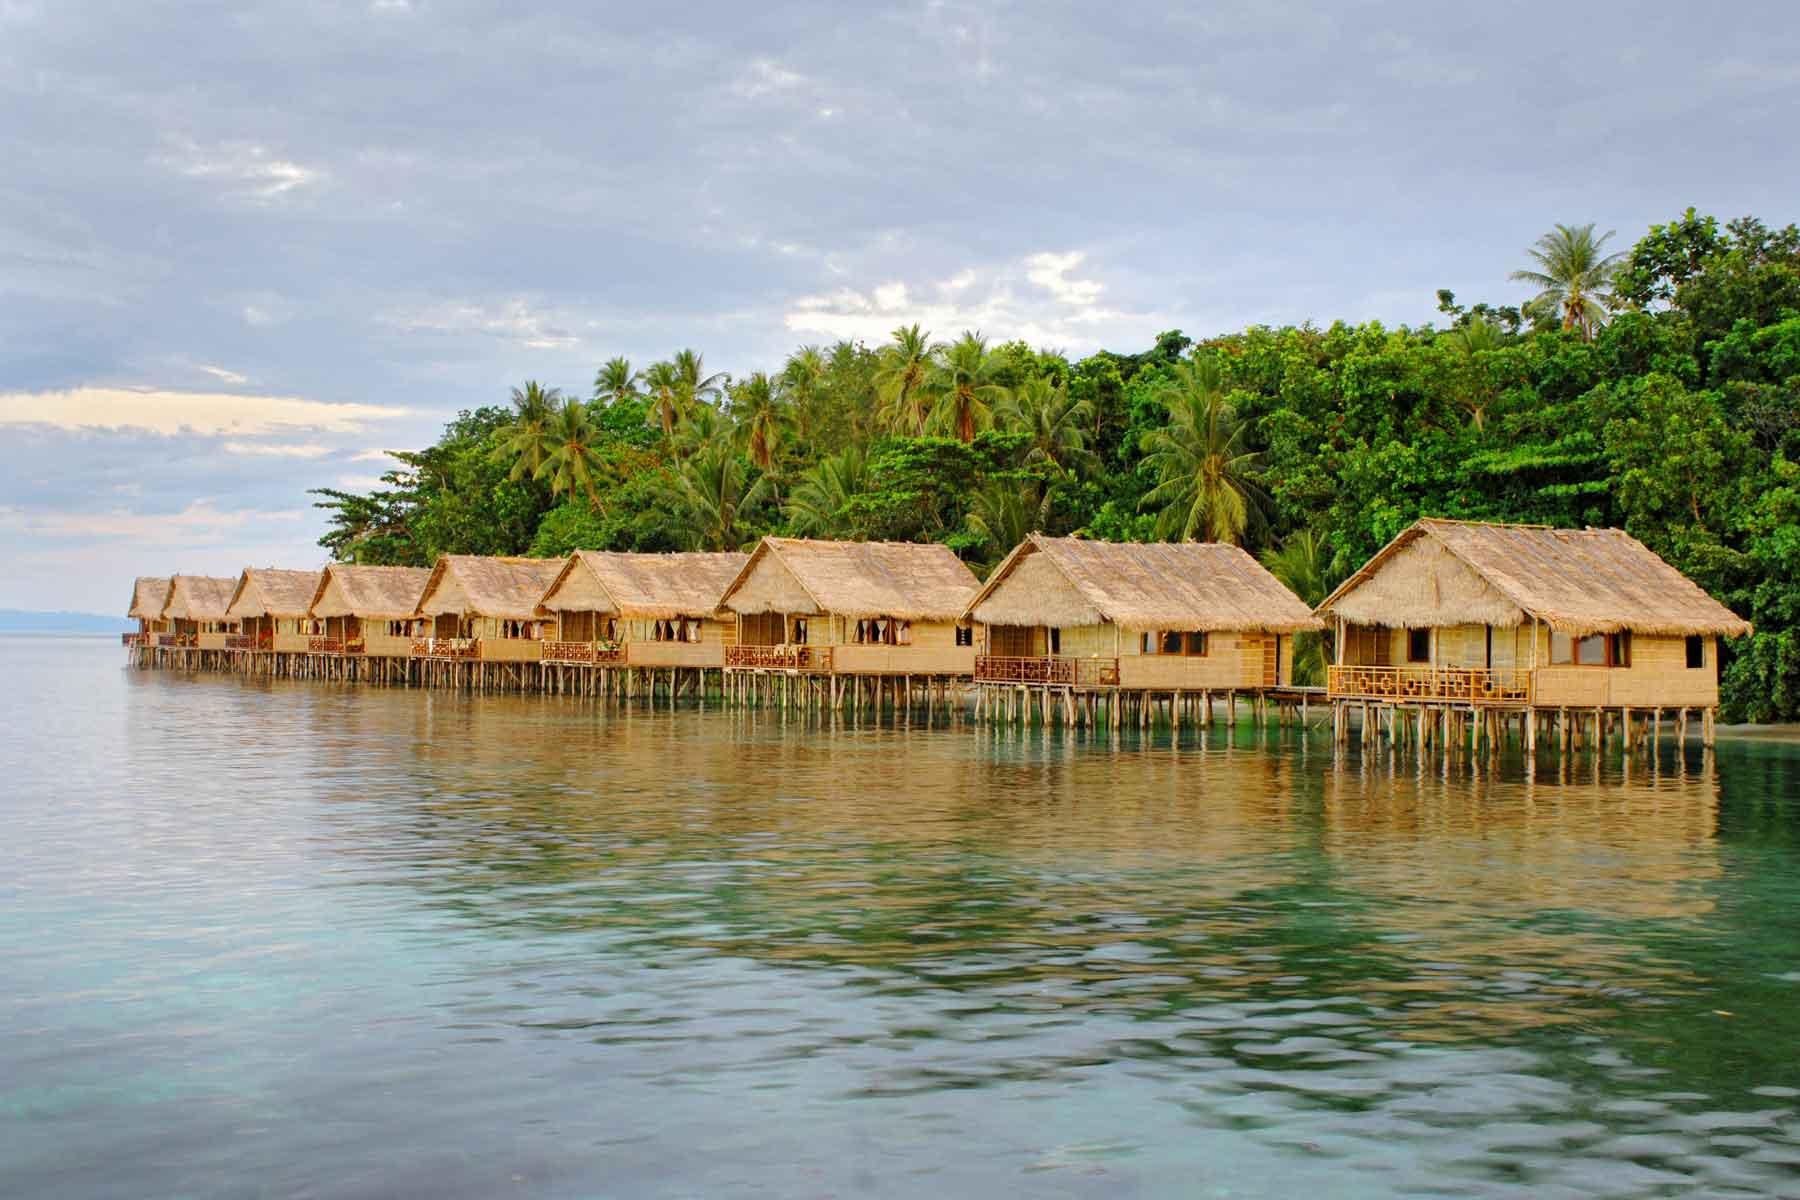 Raja ampat indonesia scuba diving holidays equator diving - Dive resort raja ampat ...